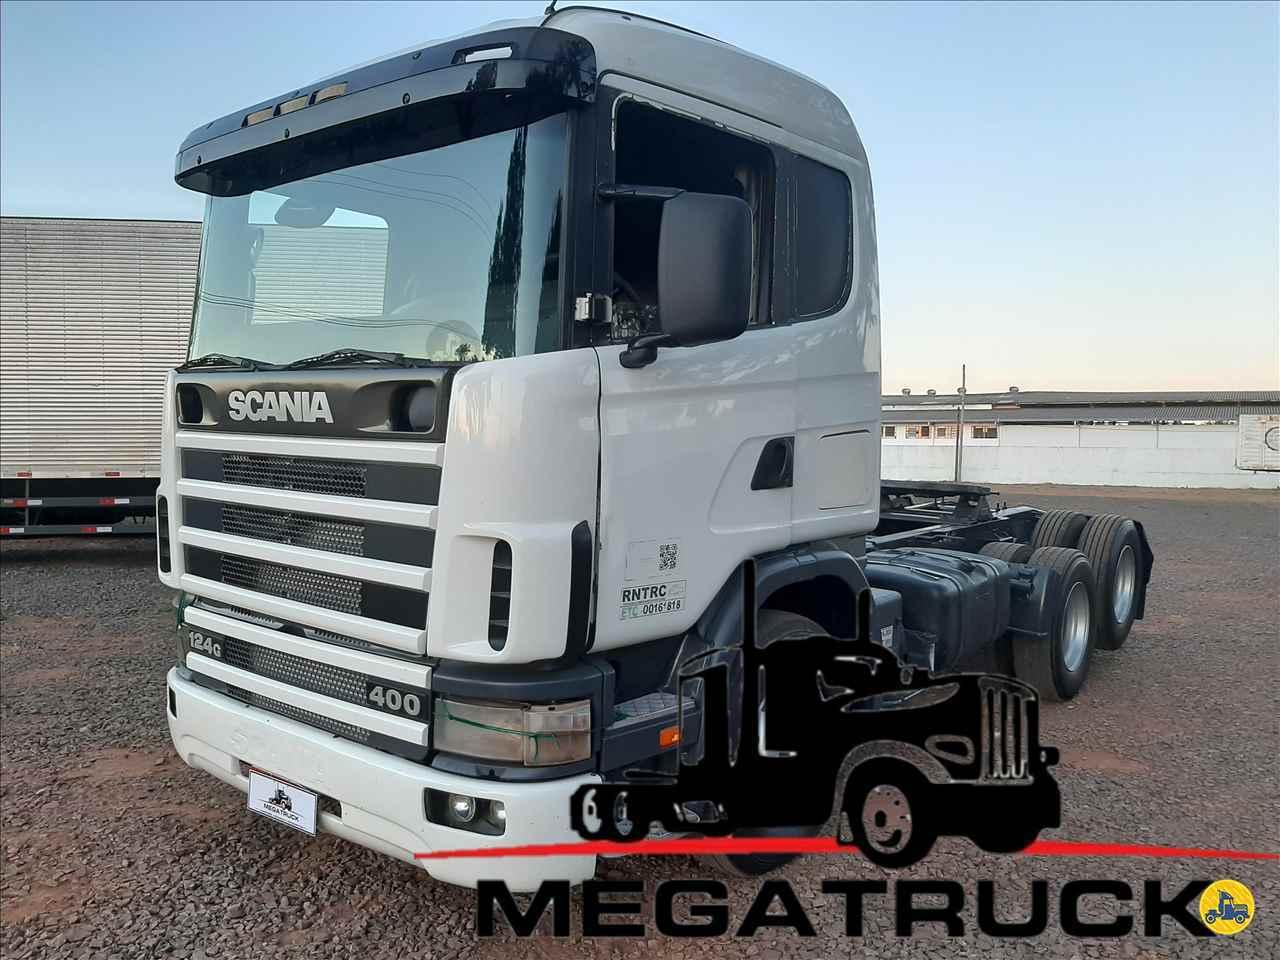 CAMINHAO SCANIA SCANIA 124 400 Cavalo Mecânico Truck 6x2 Megatruck Caminhões e Máquinas CAMPO GRANDE MATO GROSSO DO SUL MS